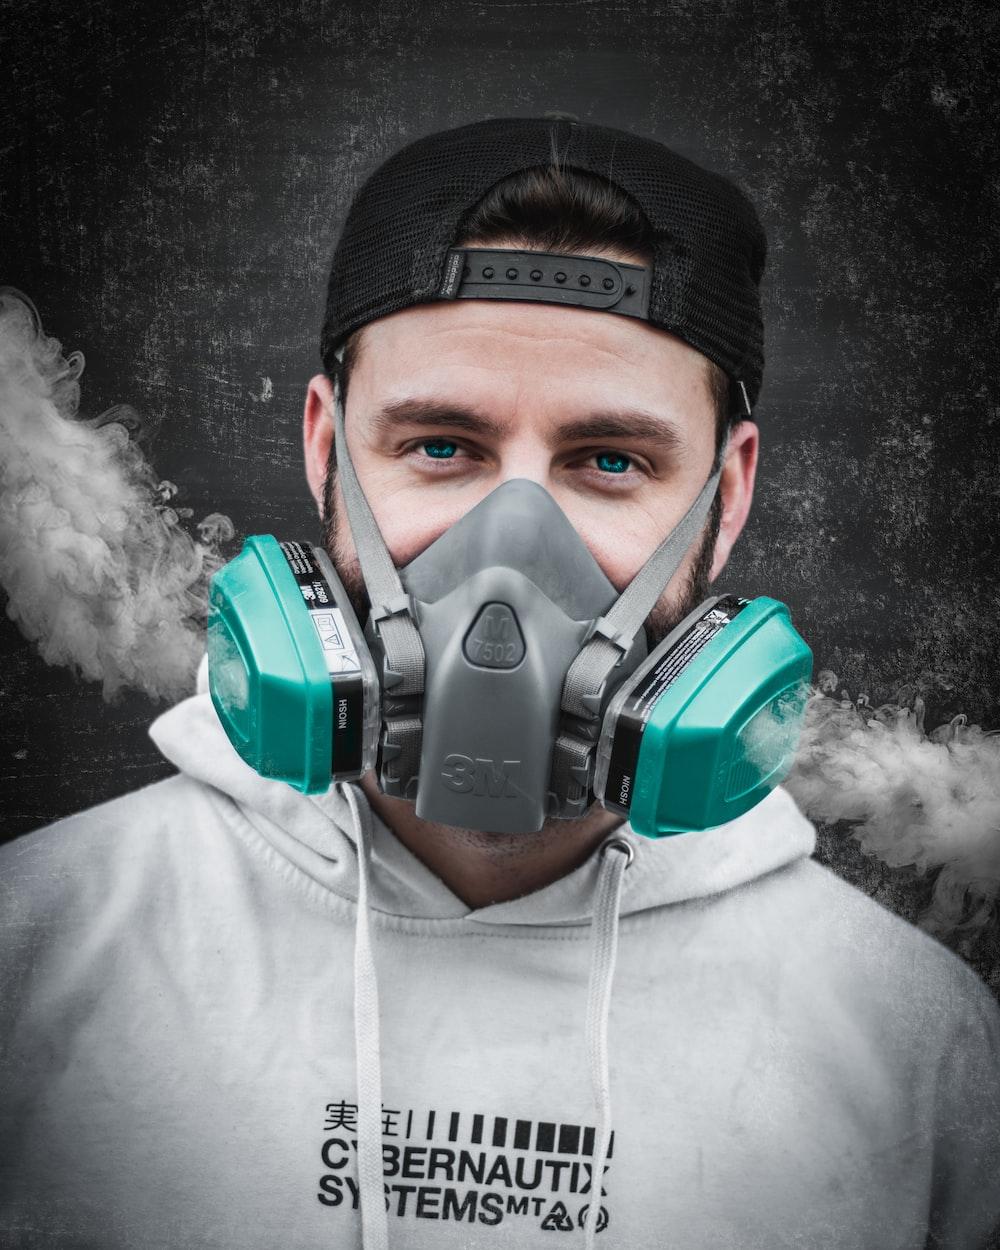 man in white hoodie wearing green gas mask